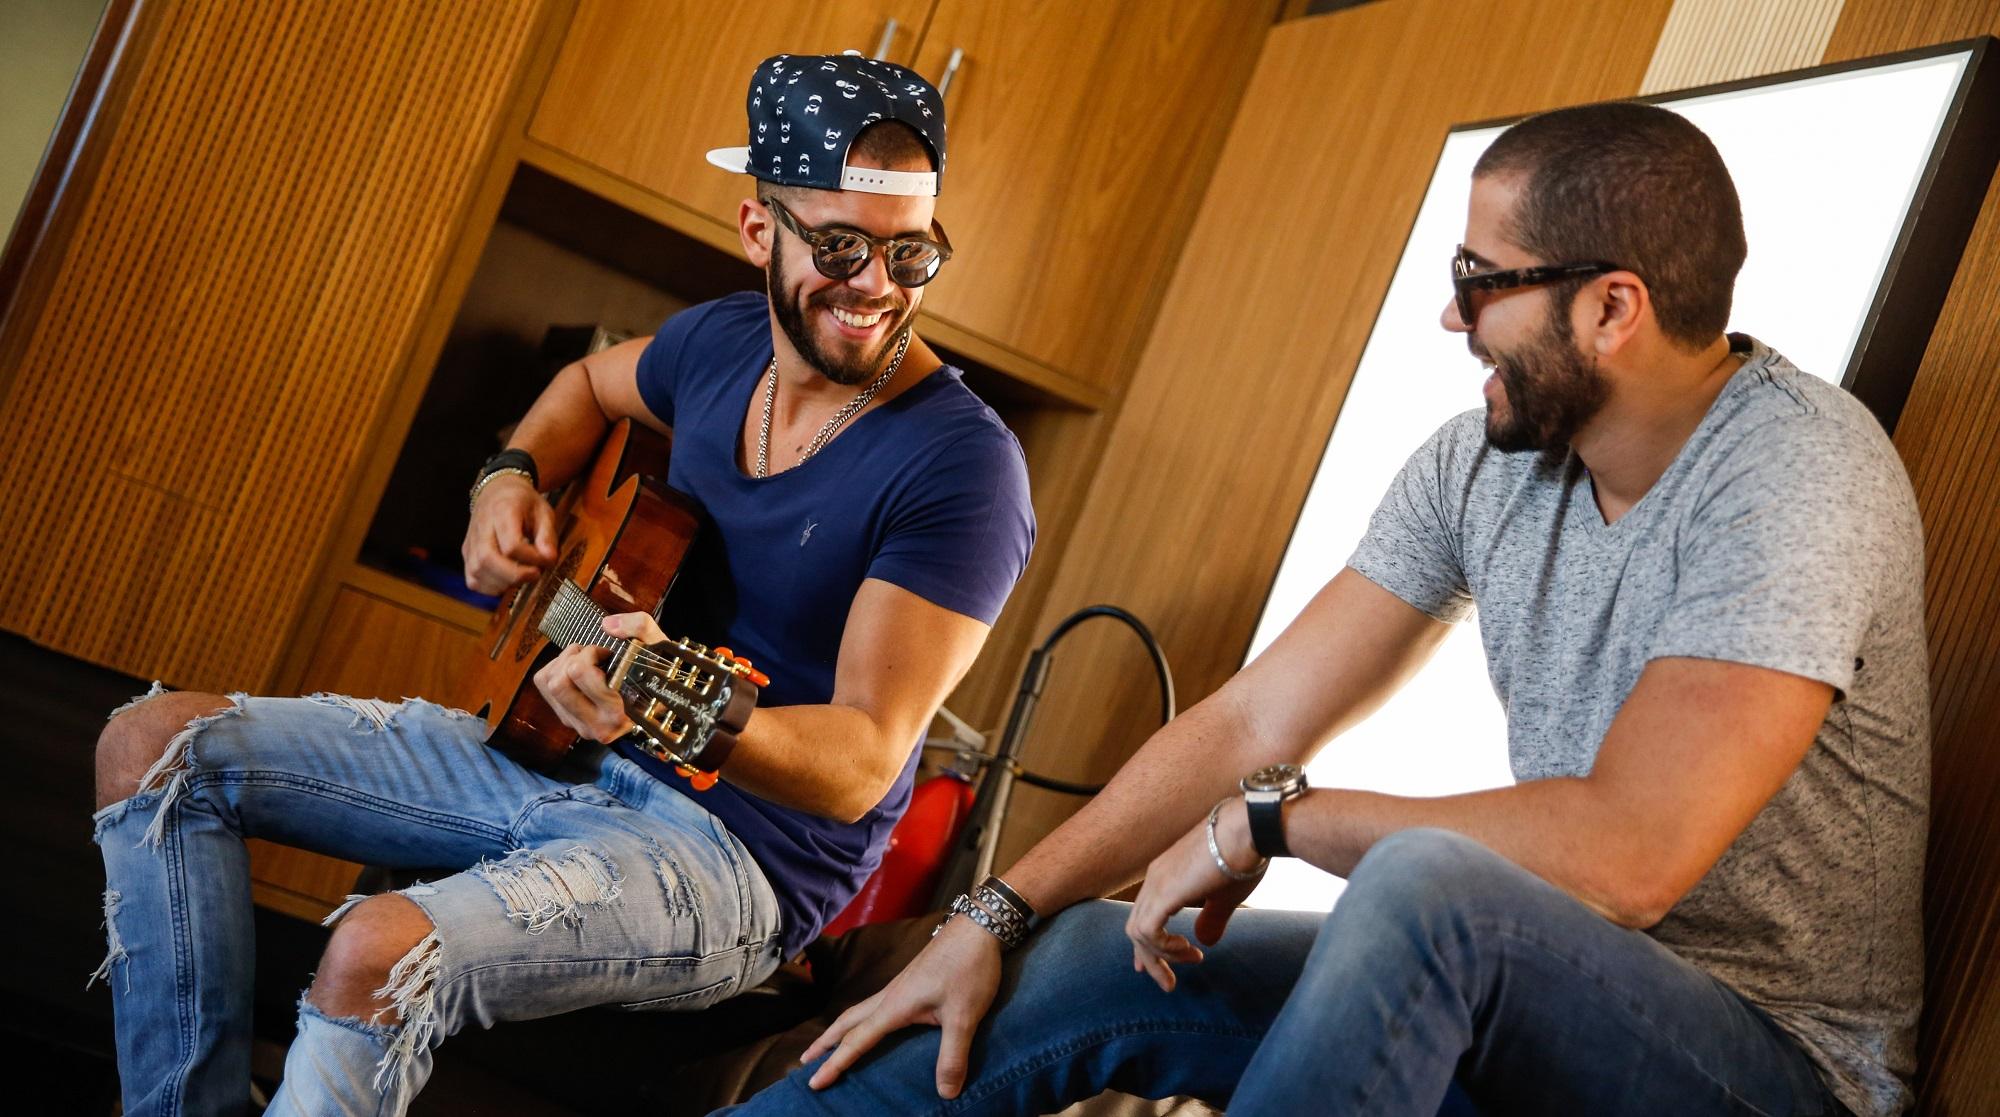 """12 de Julho de 2016, Os volistas da banda Oito7Nove4, Rafael Marques e Filipe """"Pipo"""" Marques, posam para fotos em seu esudio na cidade de salvador, bahia, para o fortal 2016."""